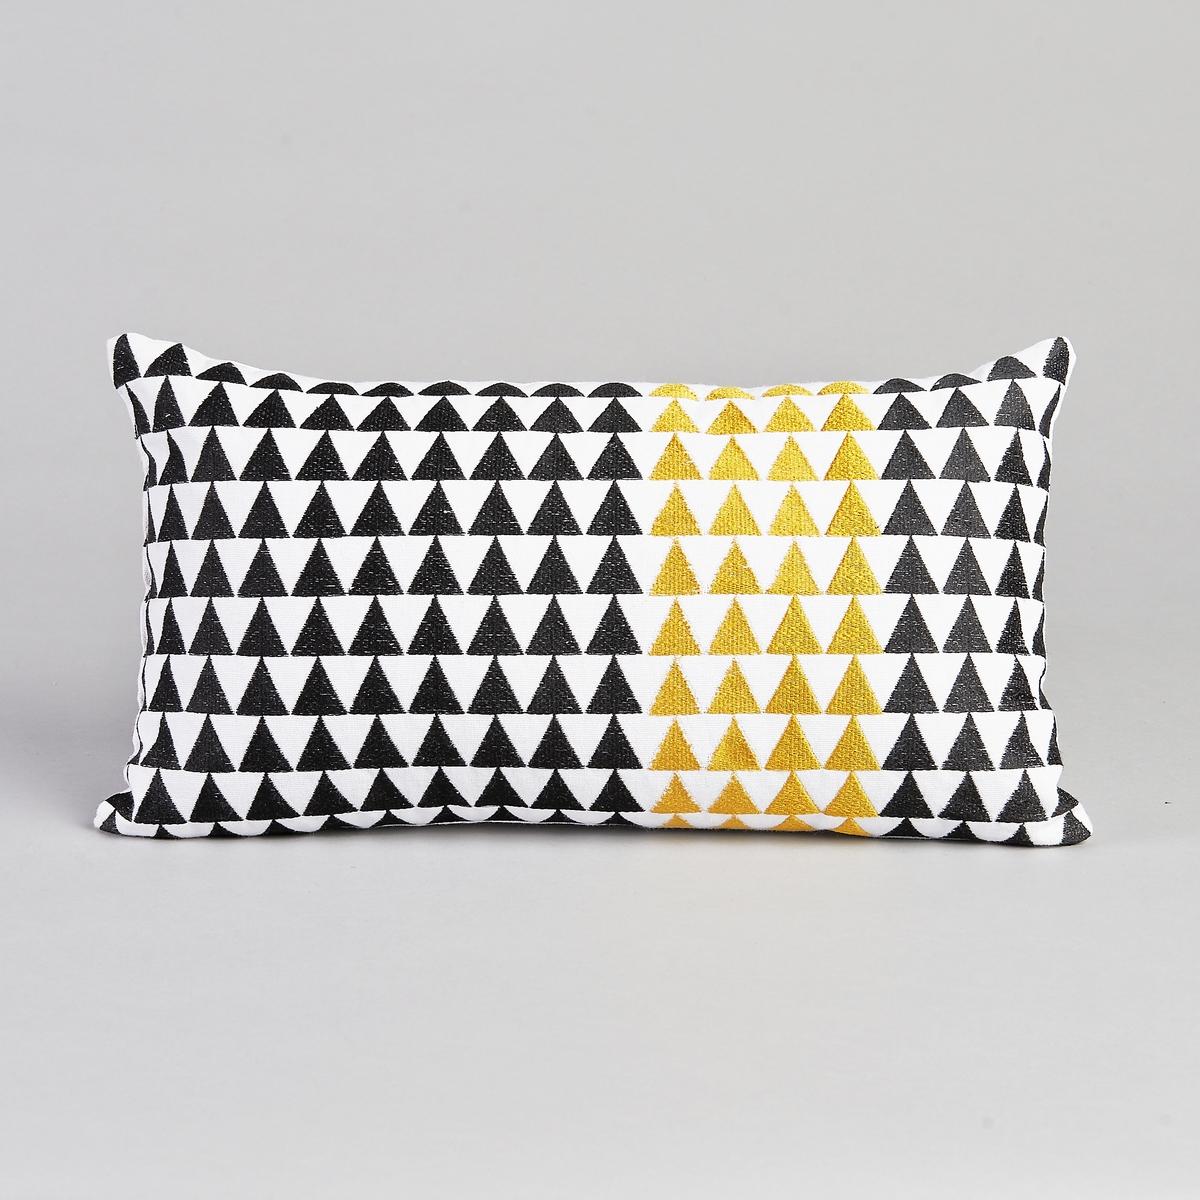 Подушка прямоугольная KainitЧерные и желтые вышитые треугольники на хлопковой ткани светло-бежевого цвета .Описание :- 100% хлопка.- Наполнитель из полиэстера.Размер :- 25 x 45 см<br><br>Цвет: белый/ черный/ желтый